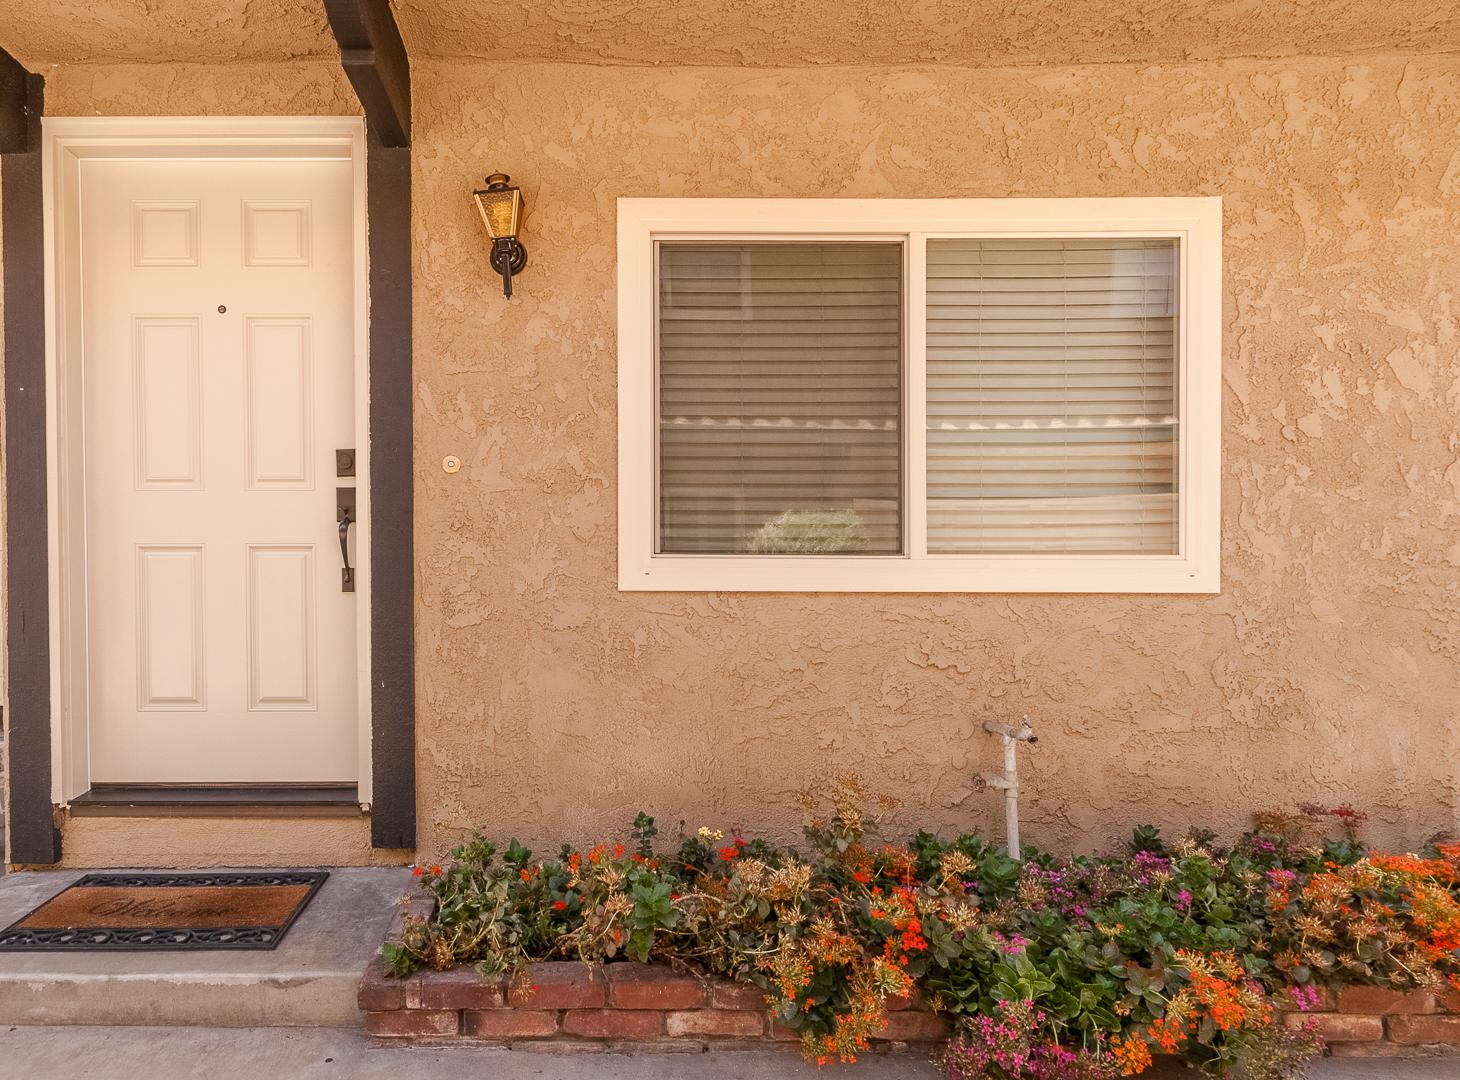 14 - front door